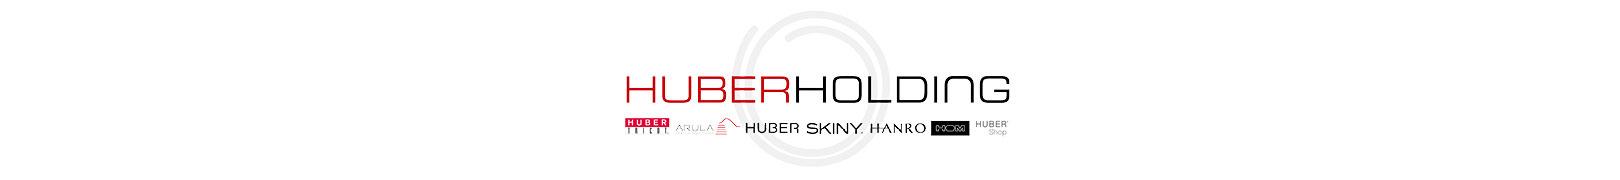 HUBER Holding Logo